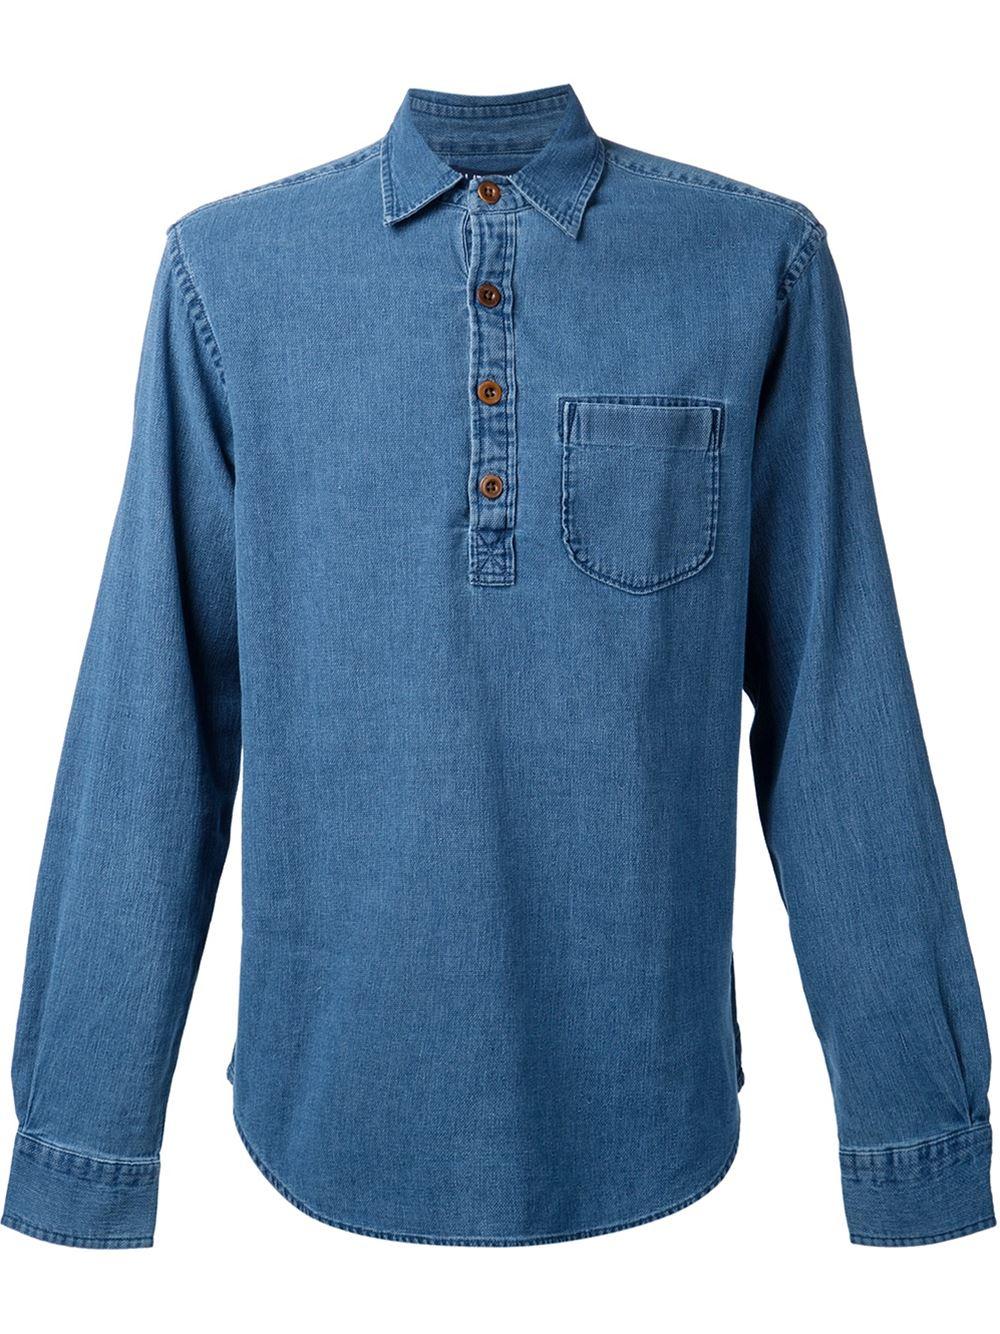 denim shirt pockets - photo #1